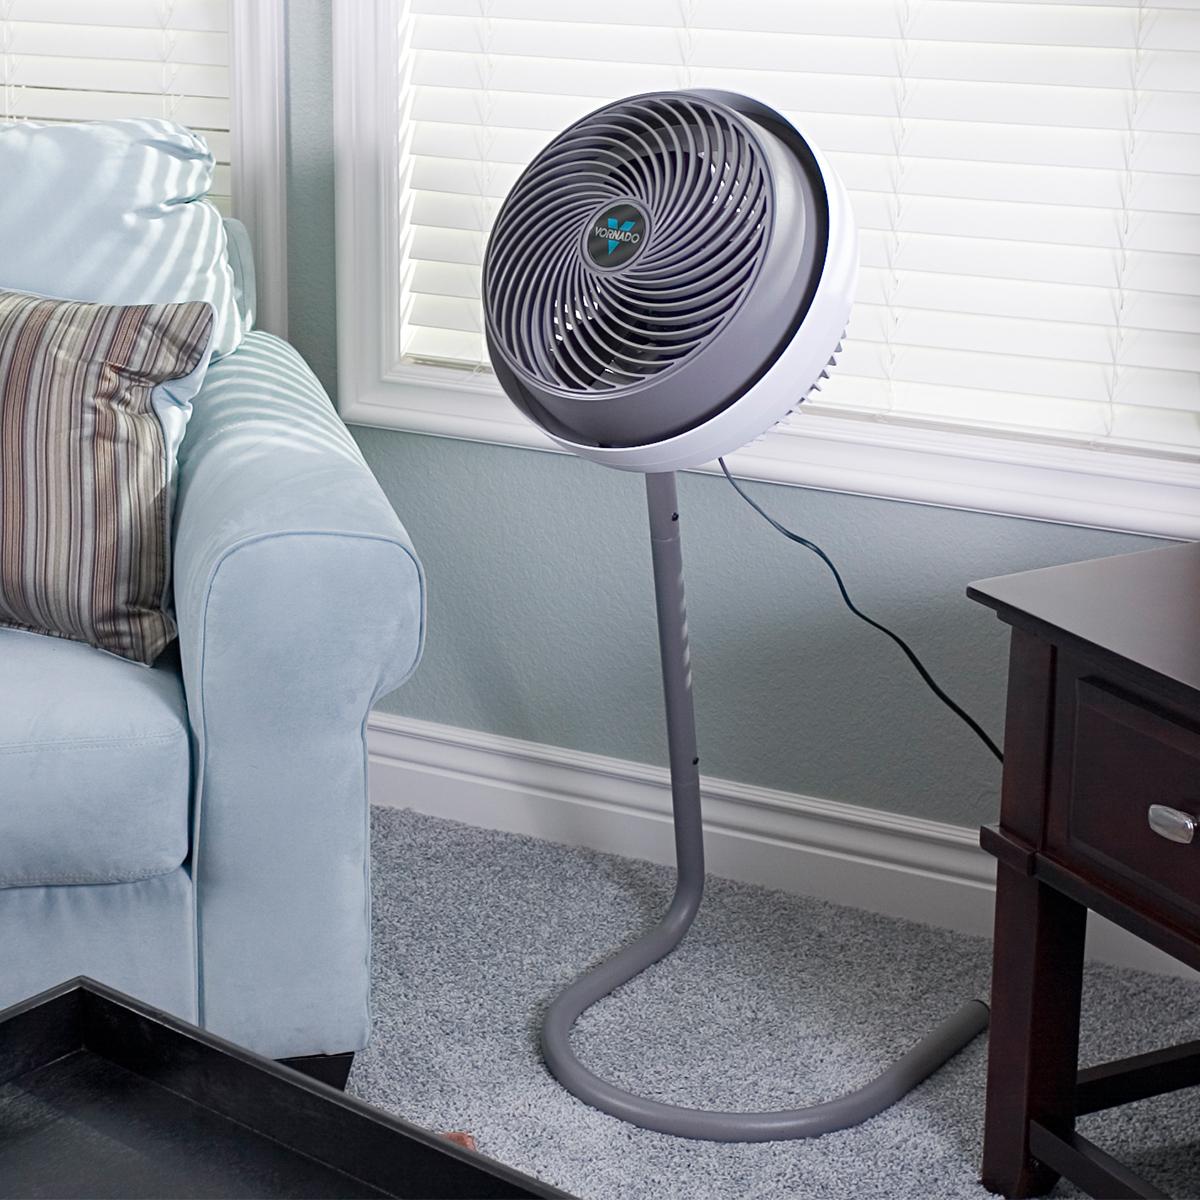 Vornado12吋空氣循環扇